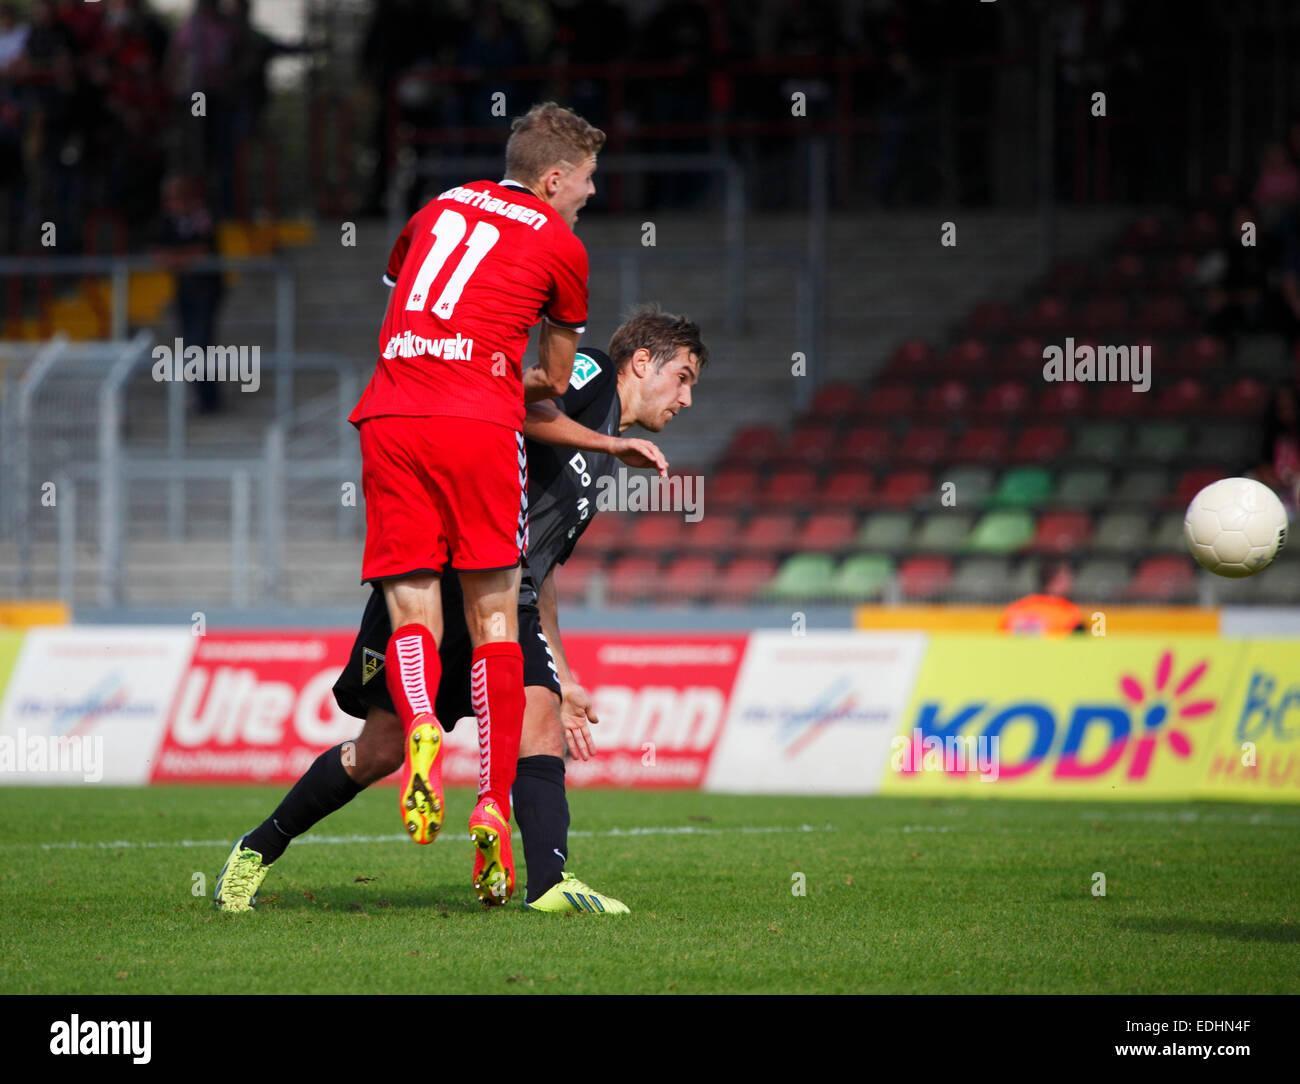 sports, football, Regional League West, 2014/2015, Rot Weiss Oberhausen versus Alemannia Aachen 0:0, Stadium Niederrhein - Stock Image